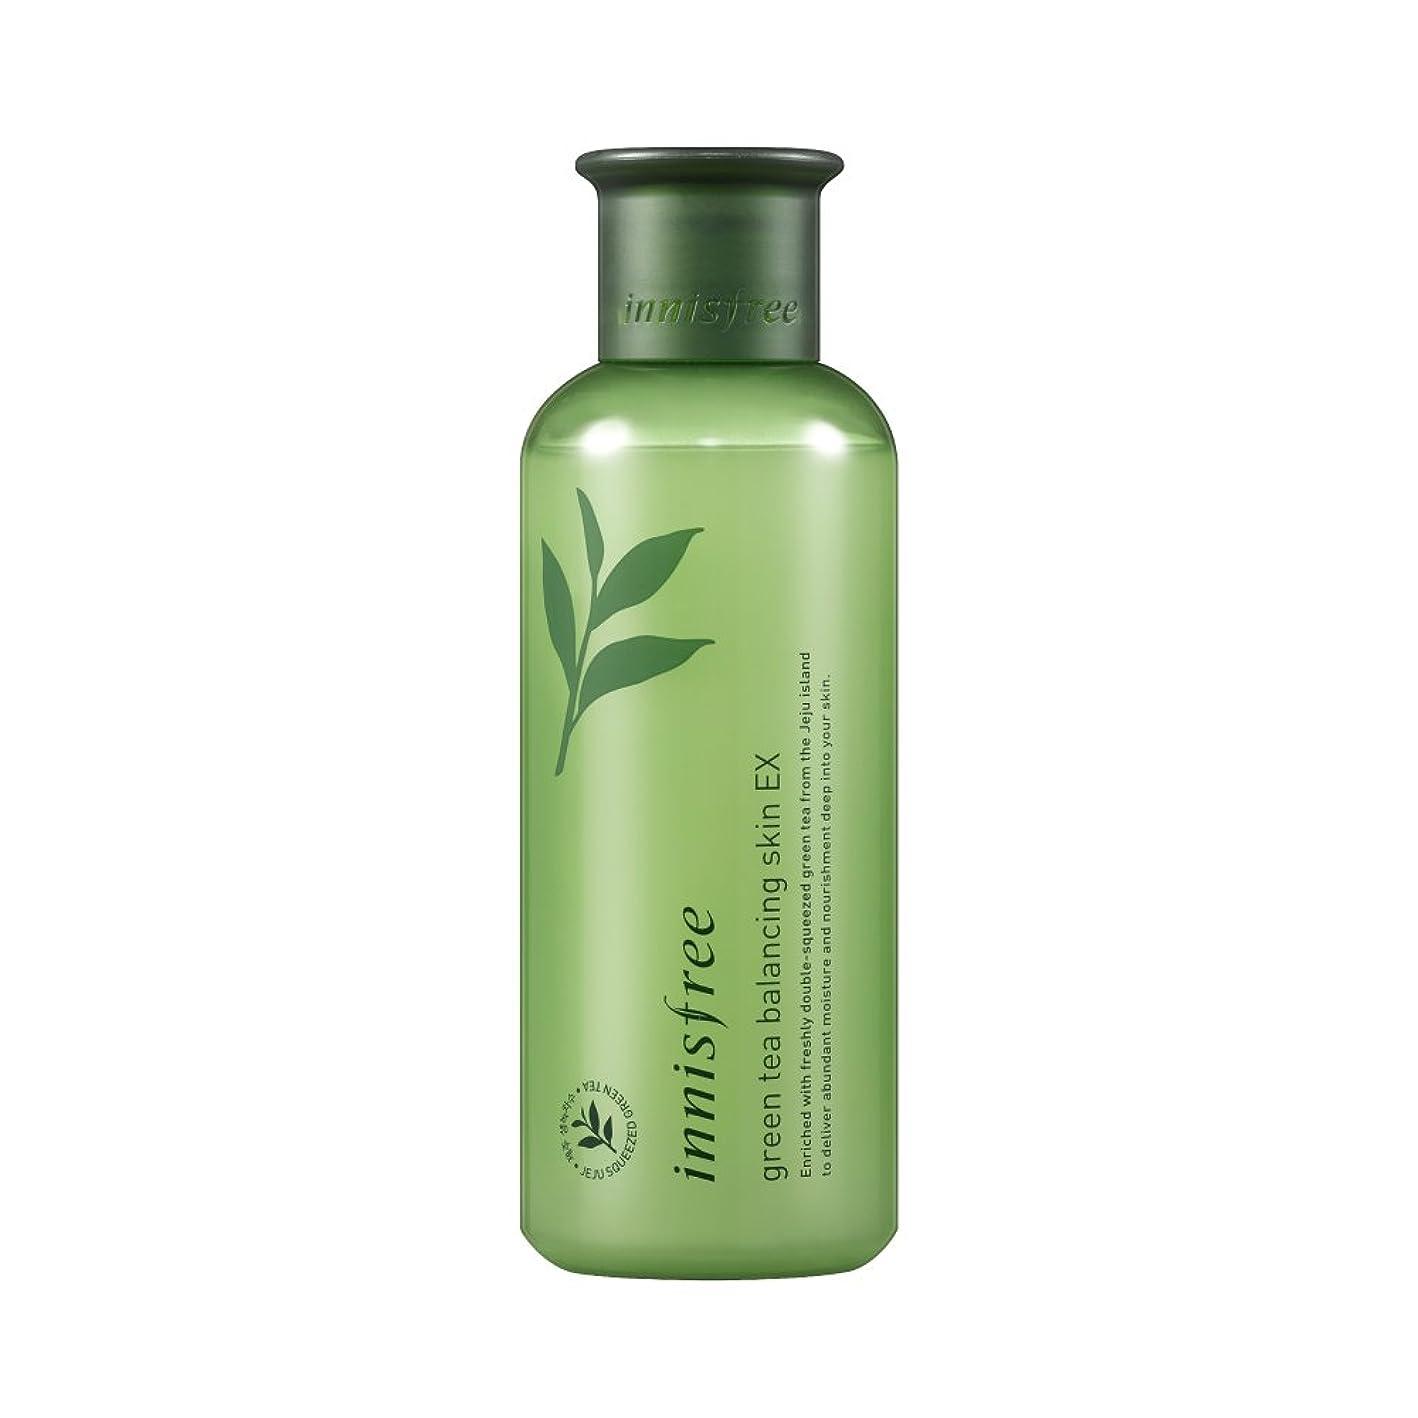 証言するバランスのとれた花弁イニスフリー日本公式(innisfree) グリーンティー バランシングスキン[化粧水]200mL